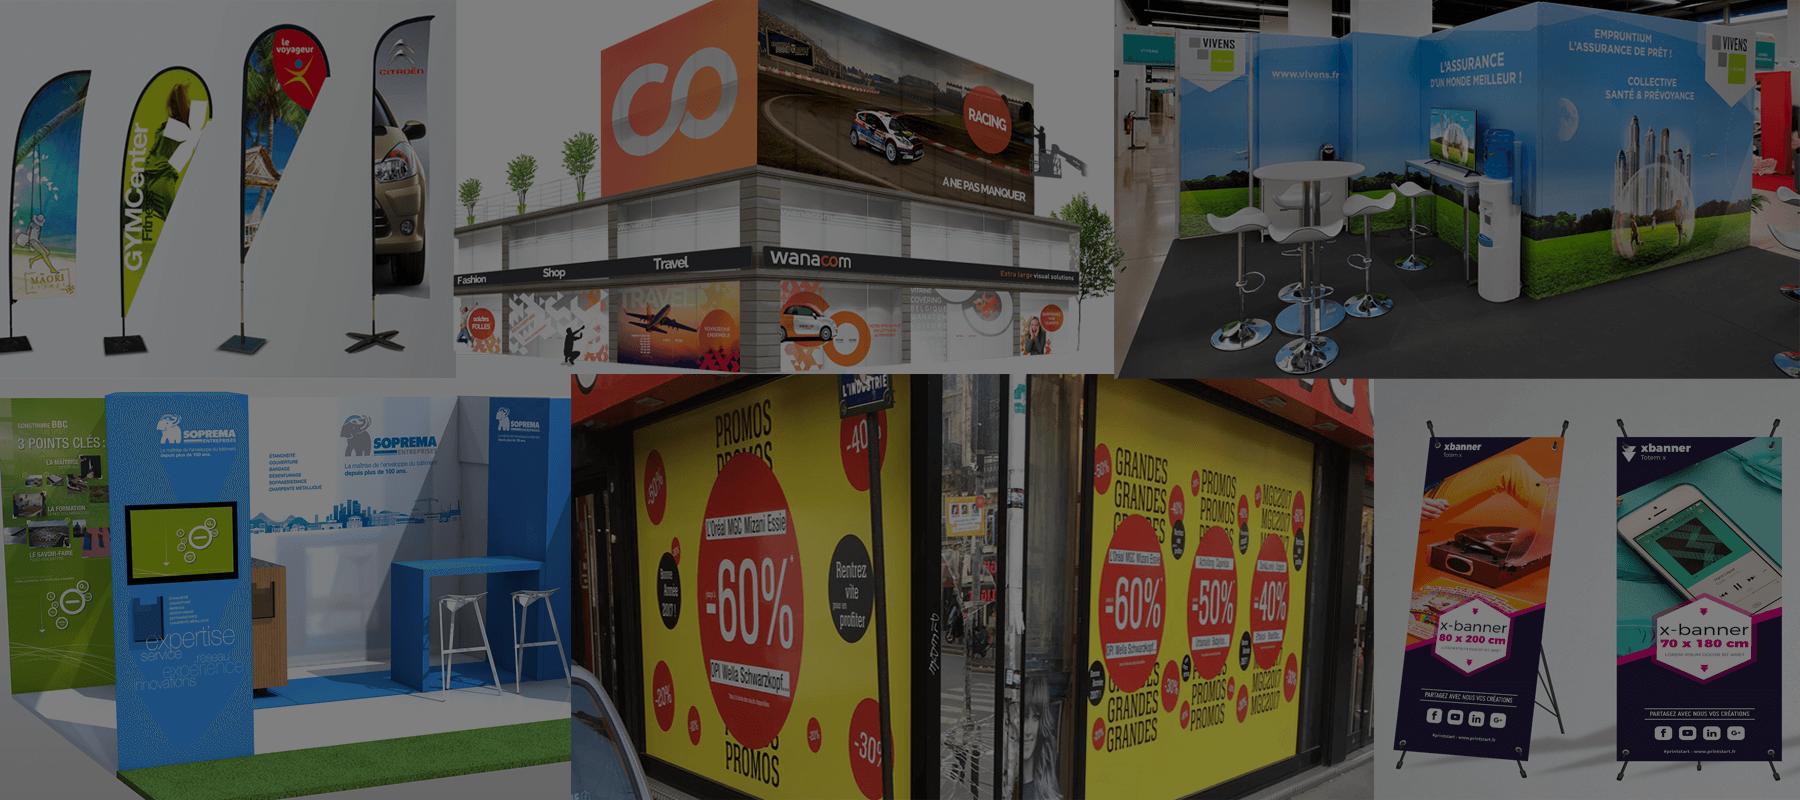 agence de publicité tunisie